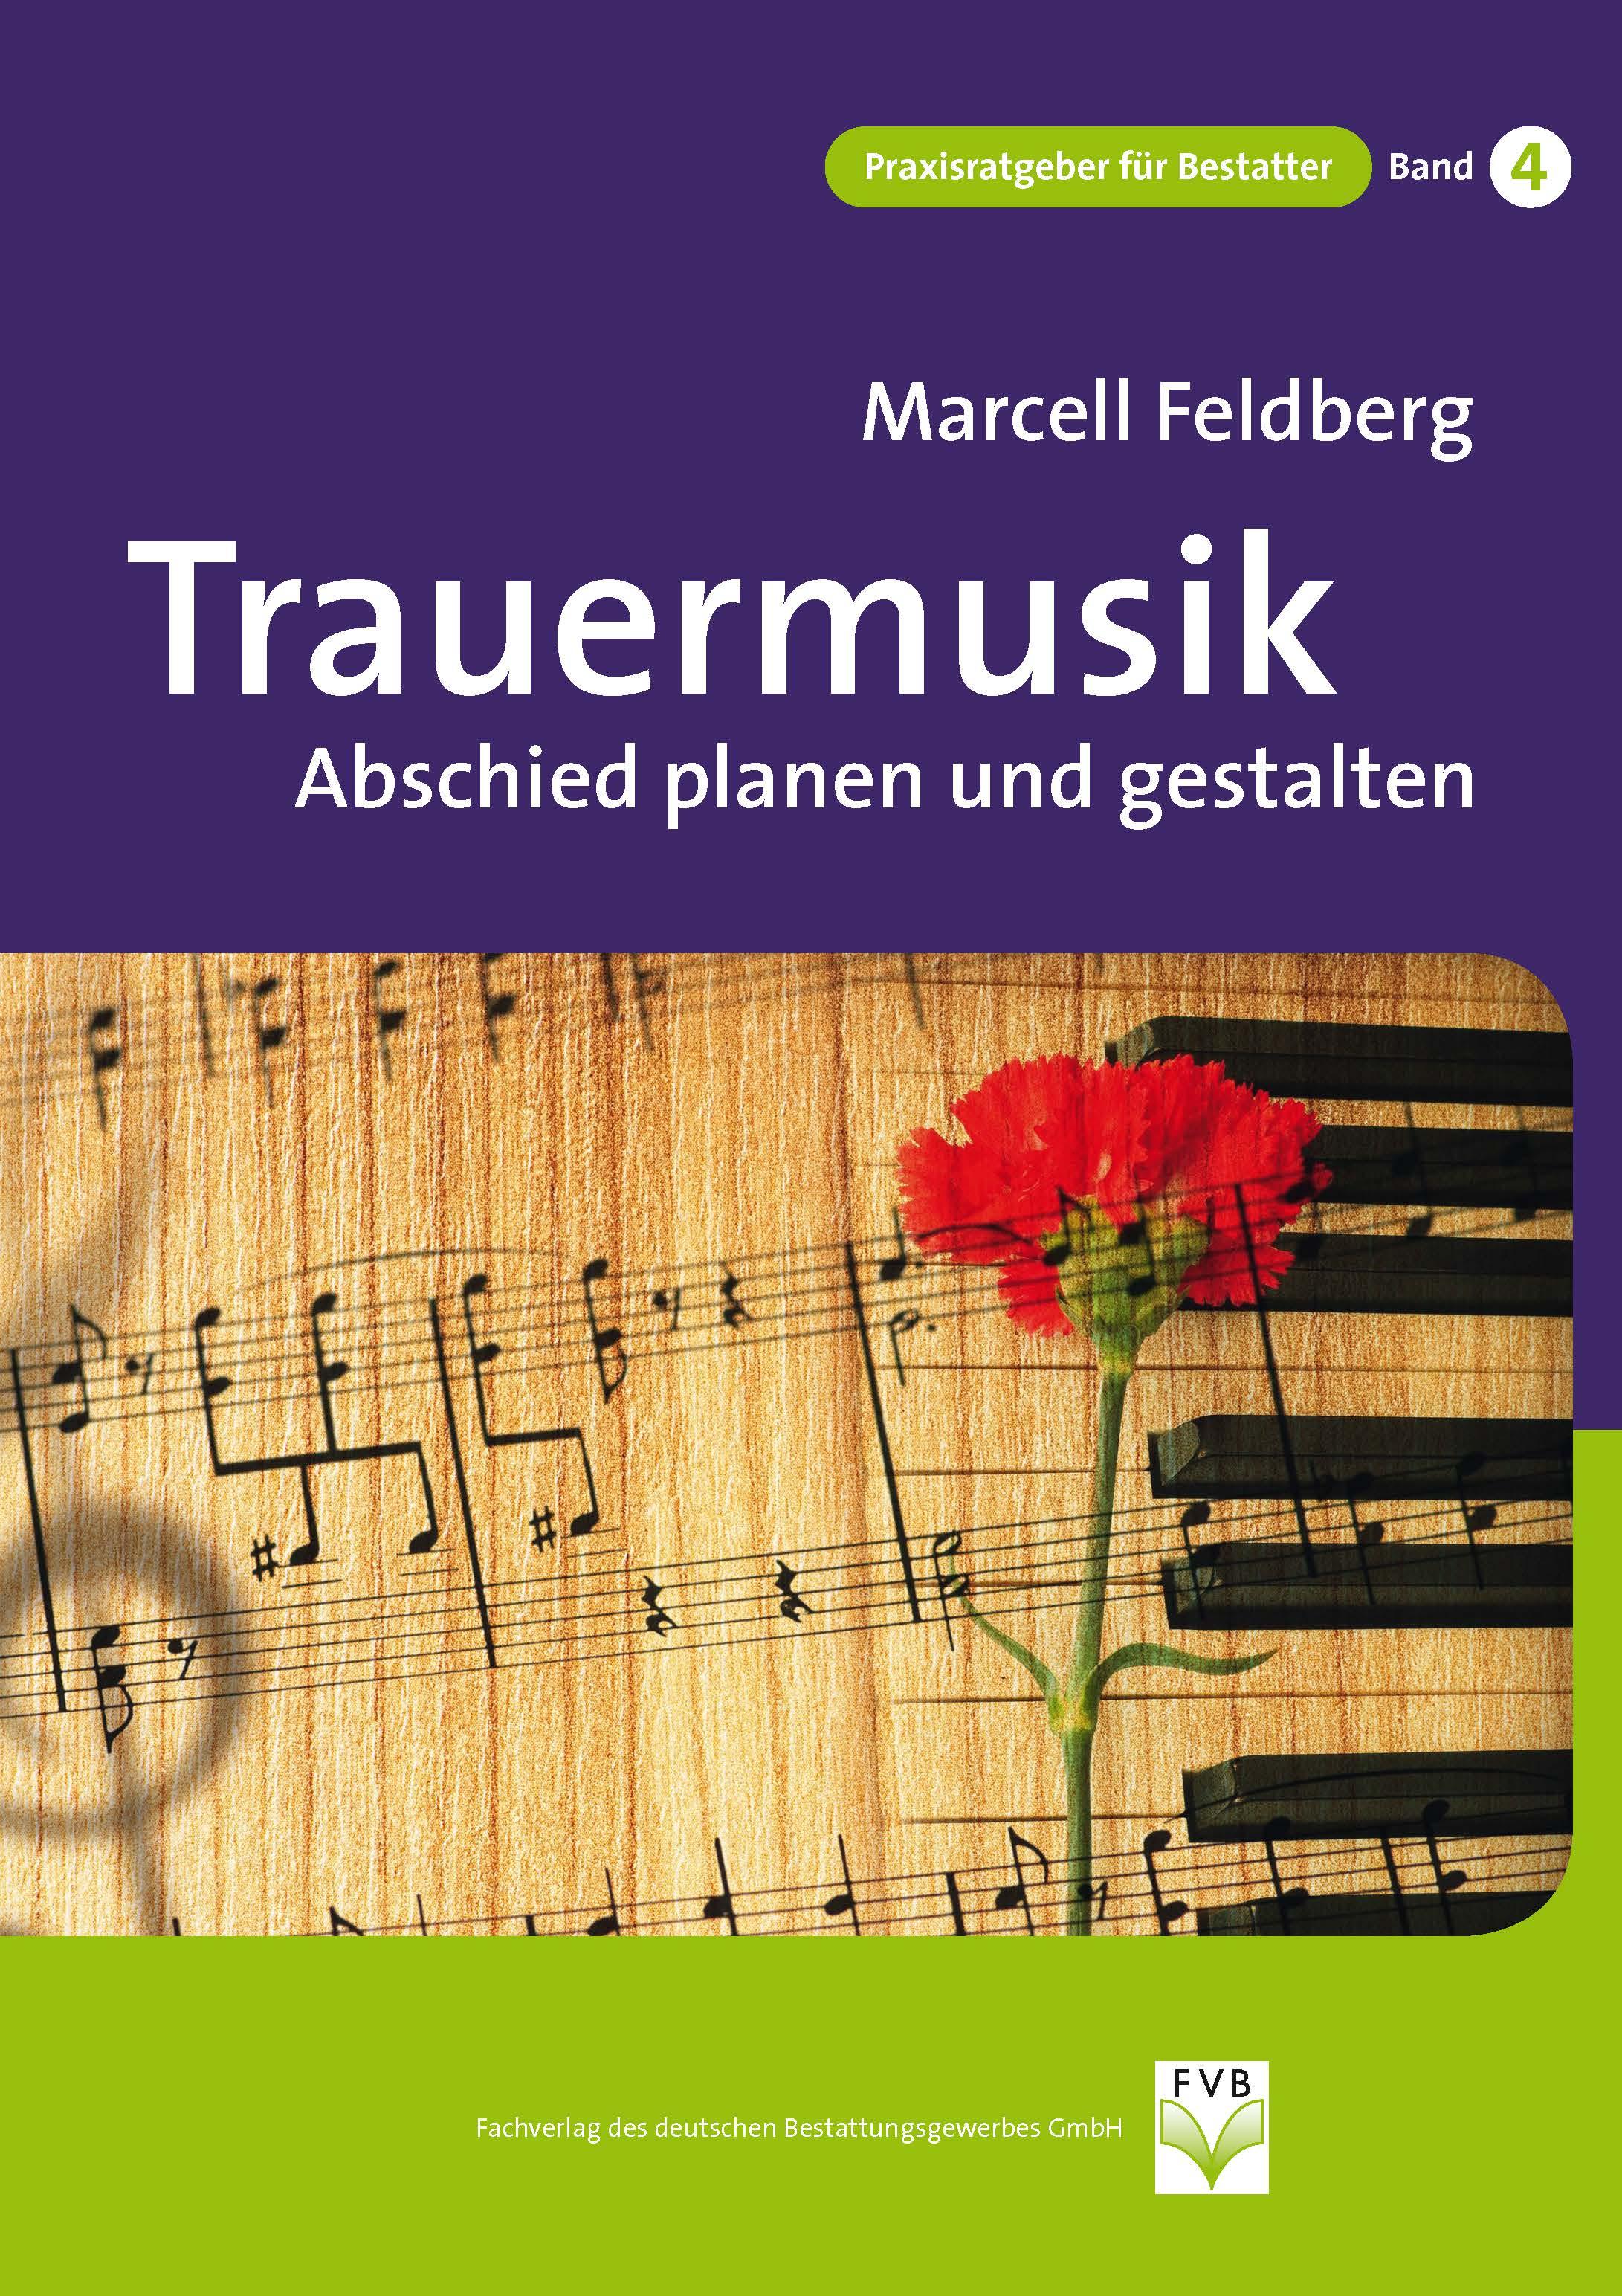 Trauermusik - Abschied planen und gestalten